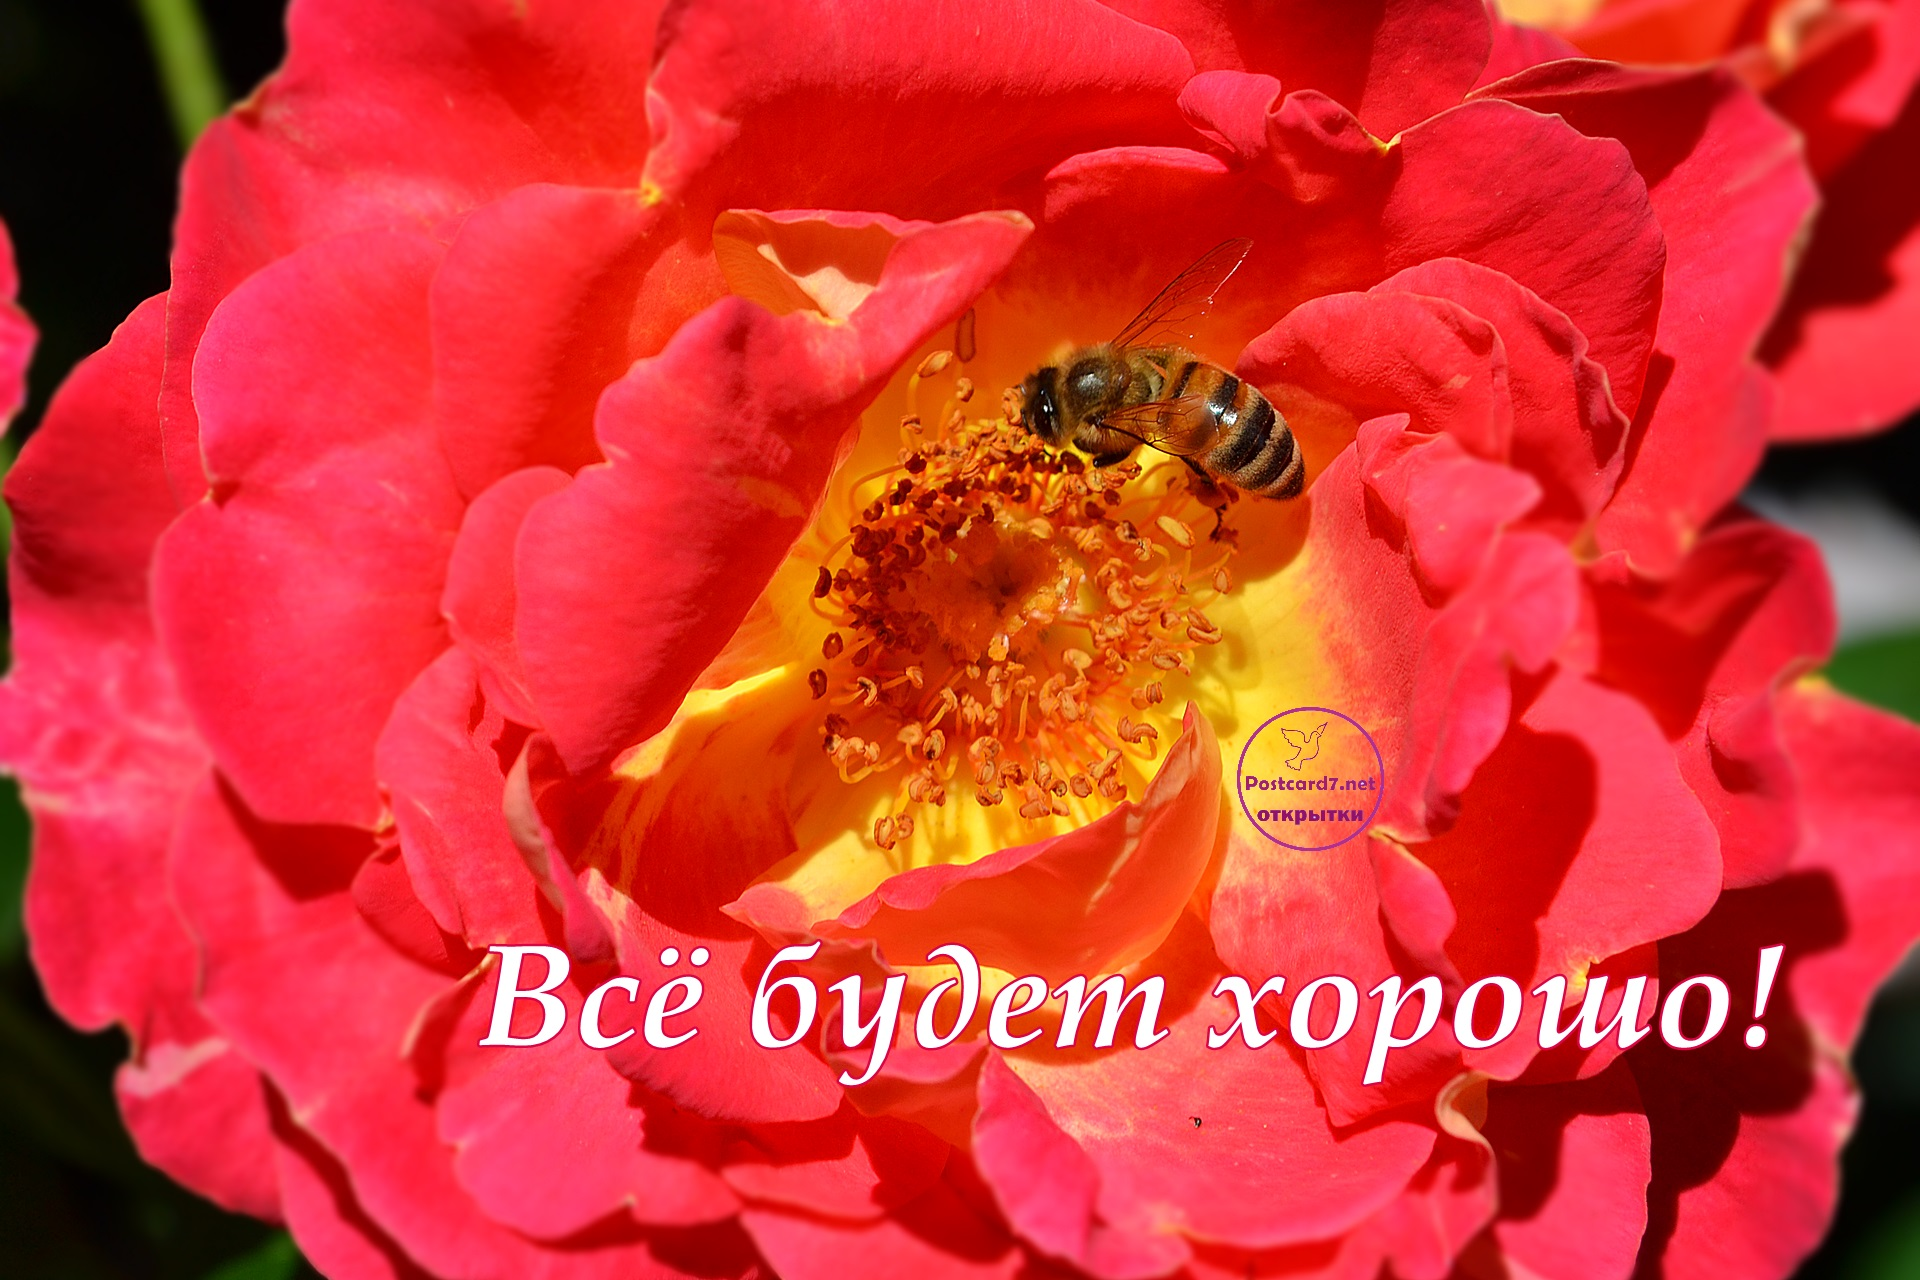 Всё будет хорошо, открытка с розой и пчелой